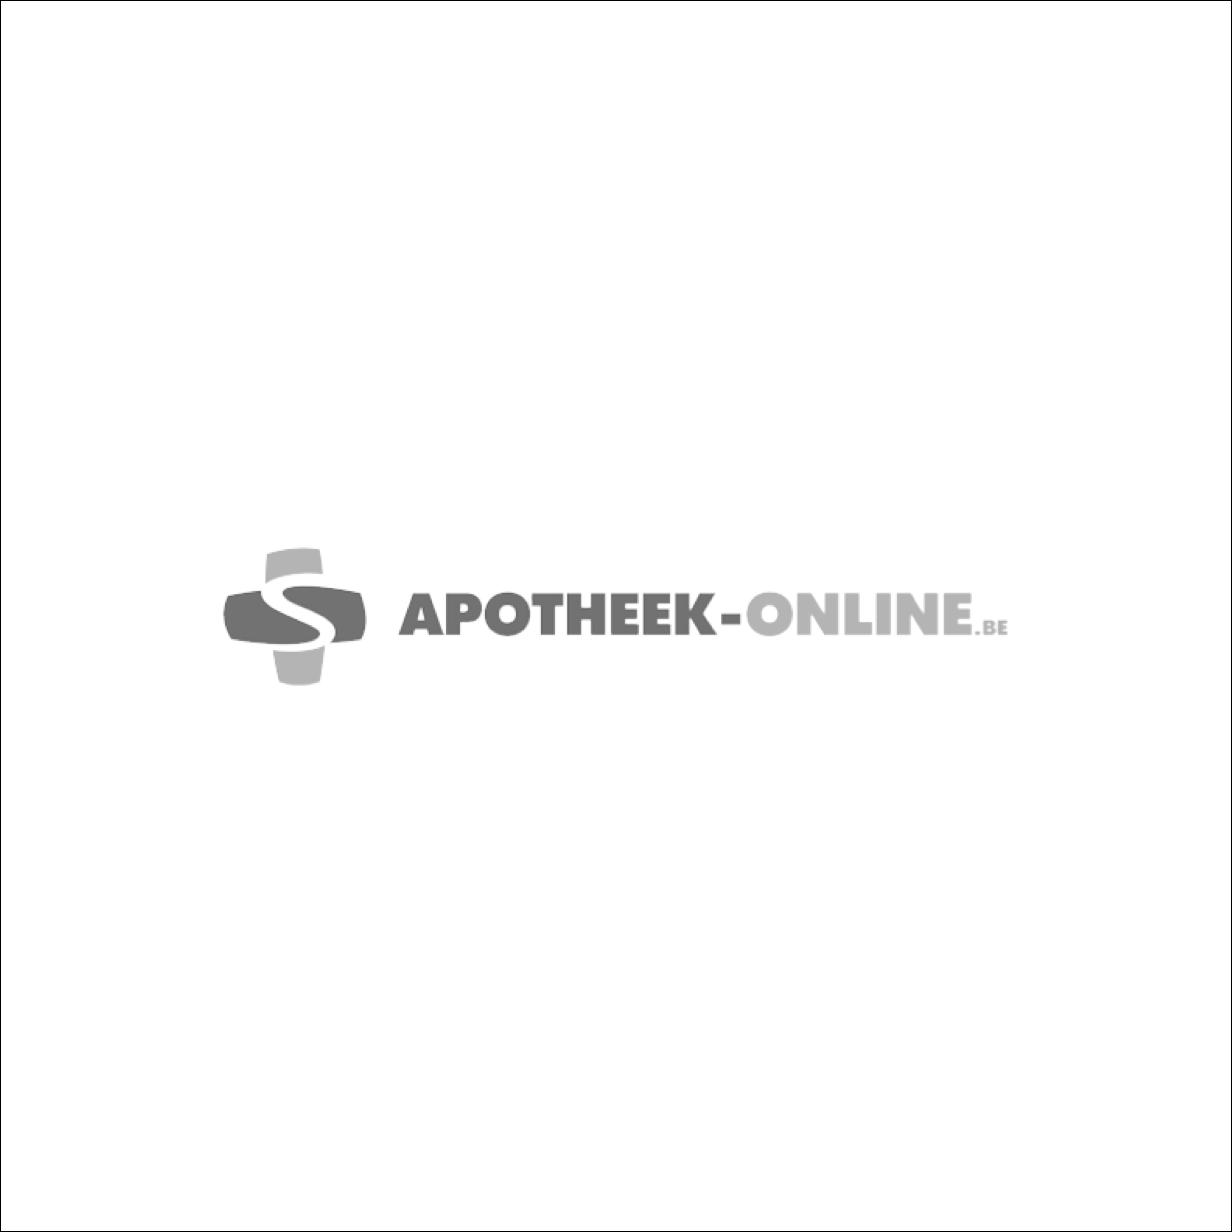 EAR BAND-IT ZWEMMEN NEOPREEN SMALL